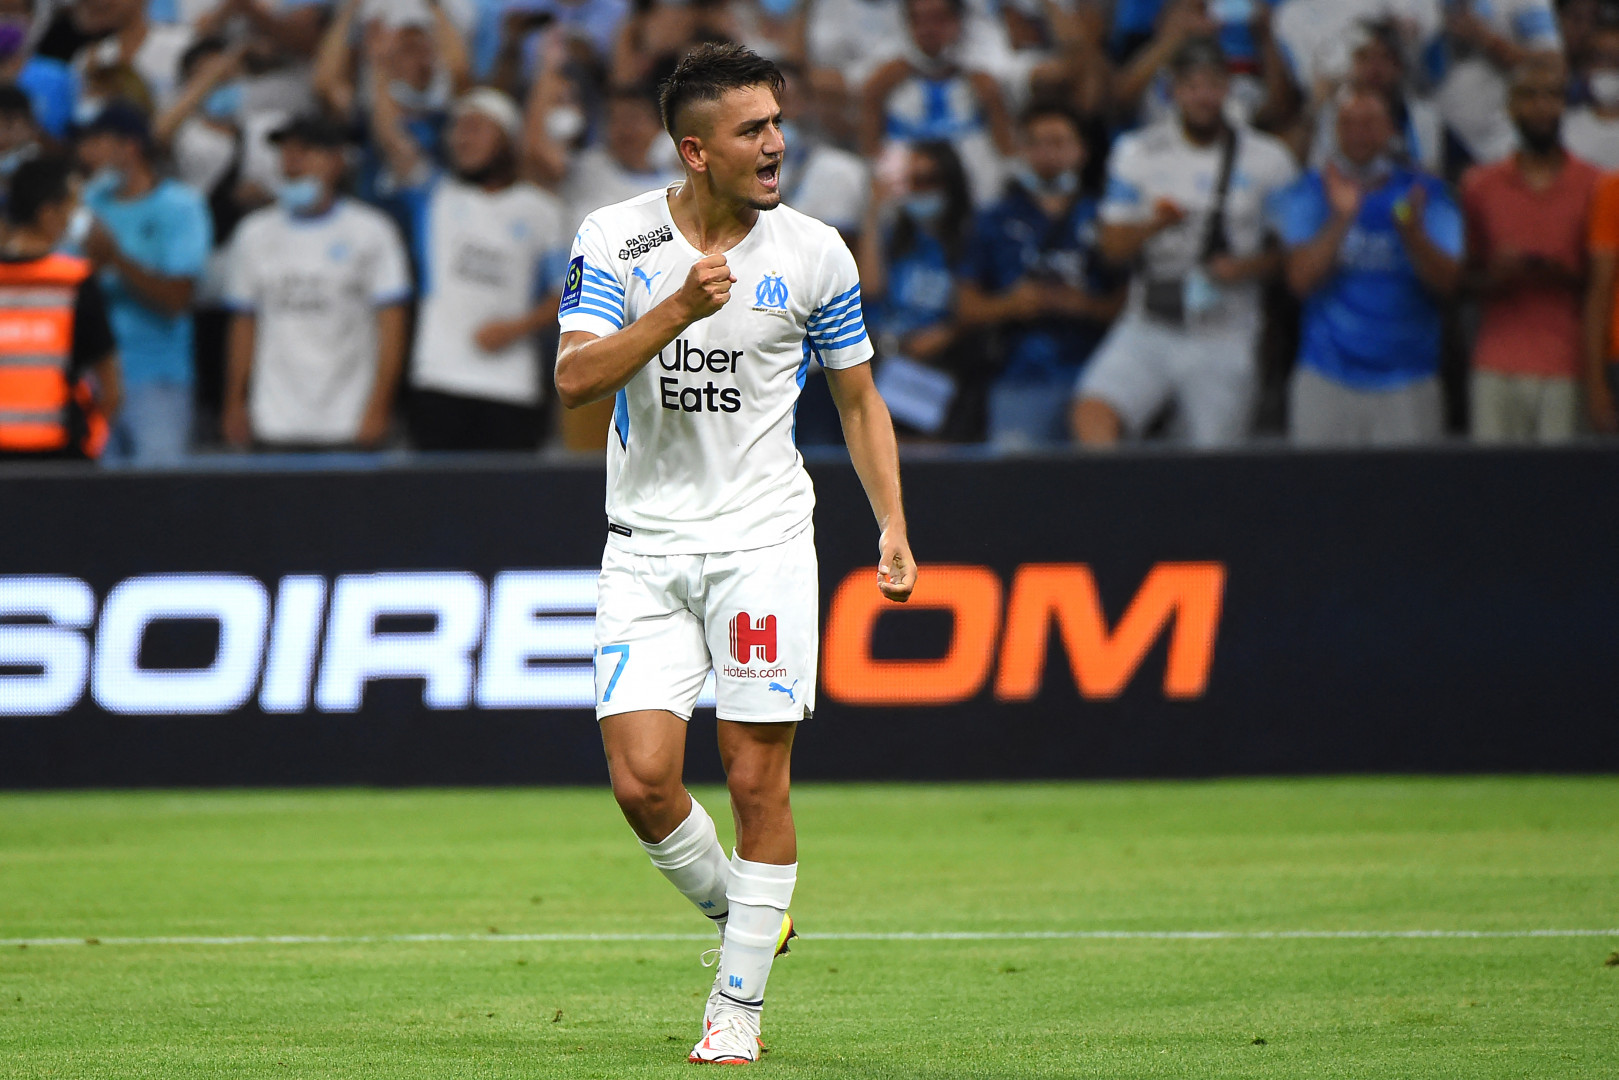 Cengiz Under après son premier but sous le maillot de l'OM contre Bordeaux le 15 août 2021 au Vélodrome.